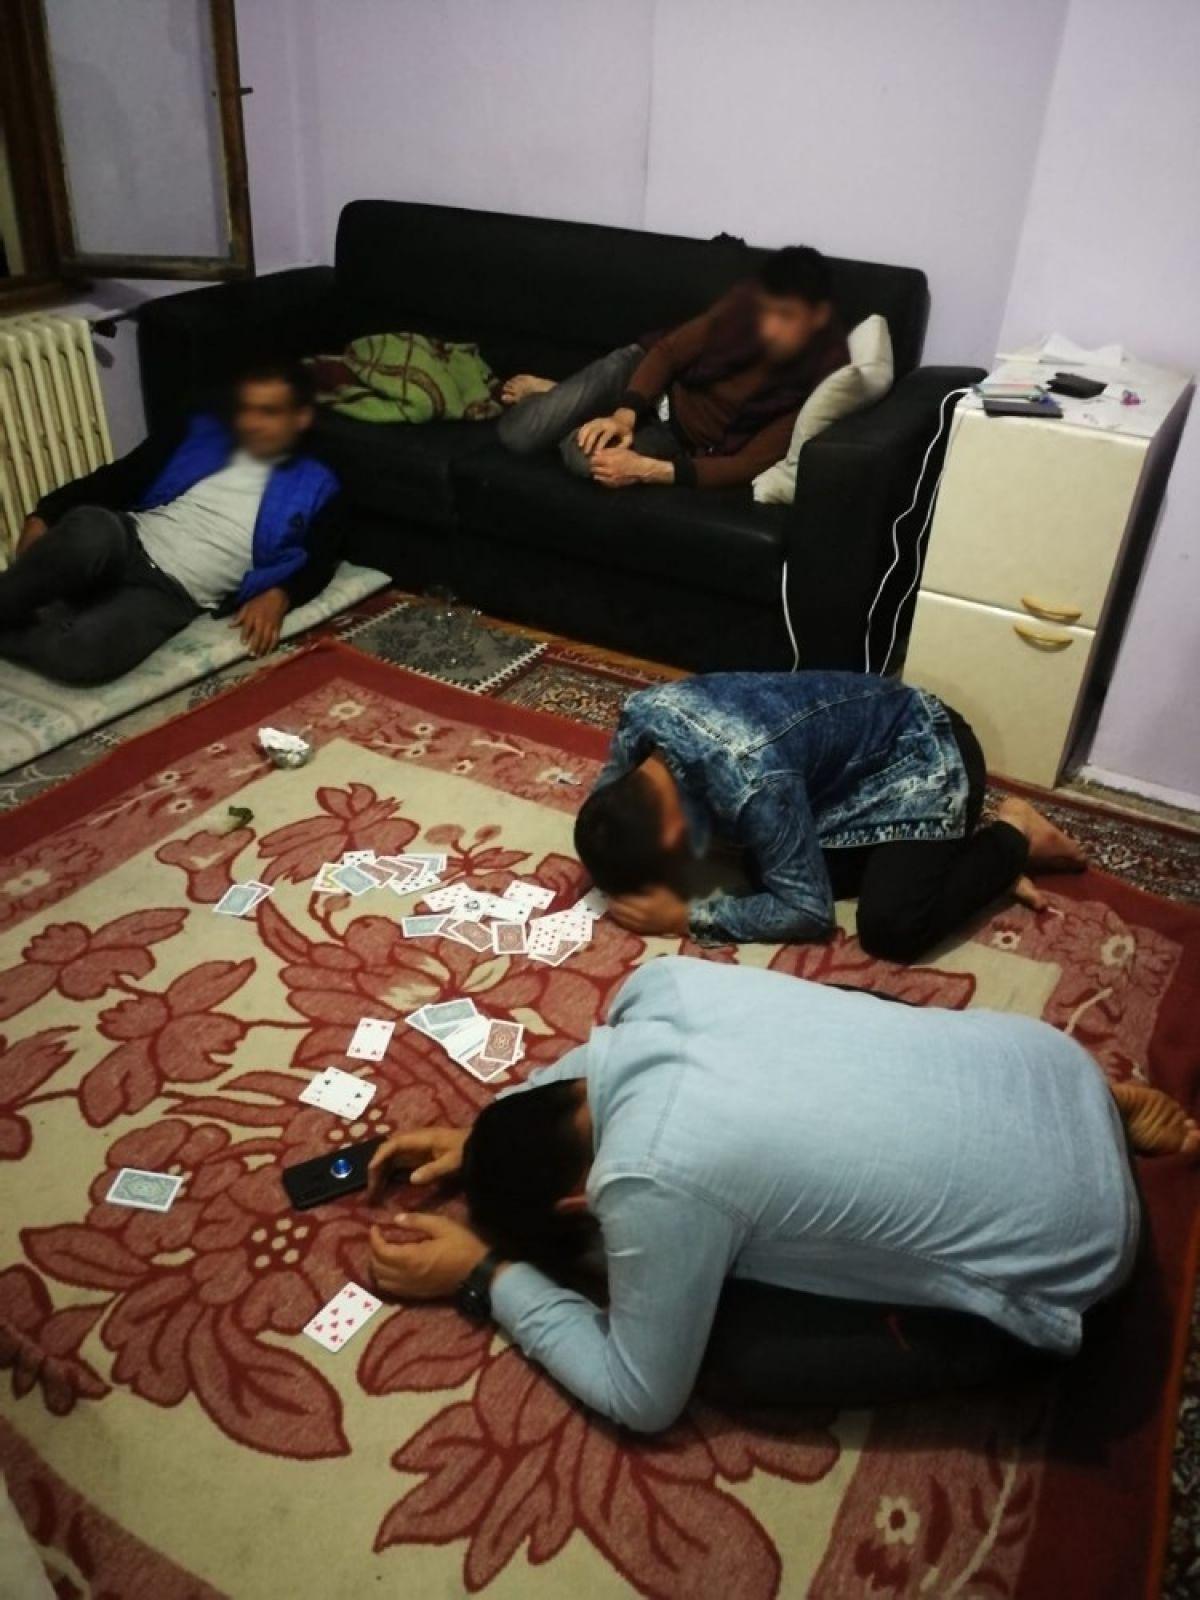 Düzce'de kumarhaneye çevrilen evde 16 yabancı yakalandı #2